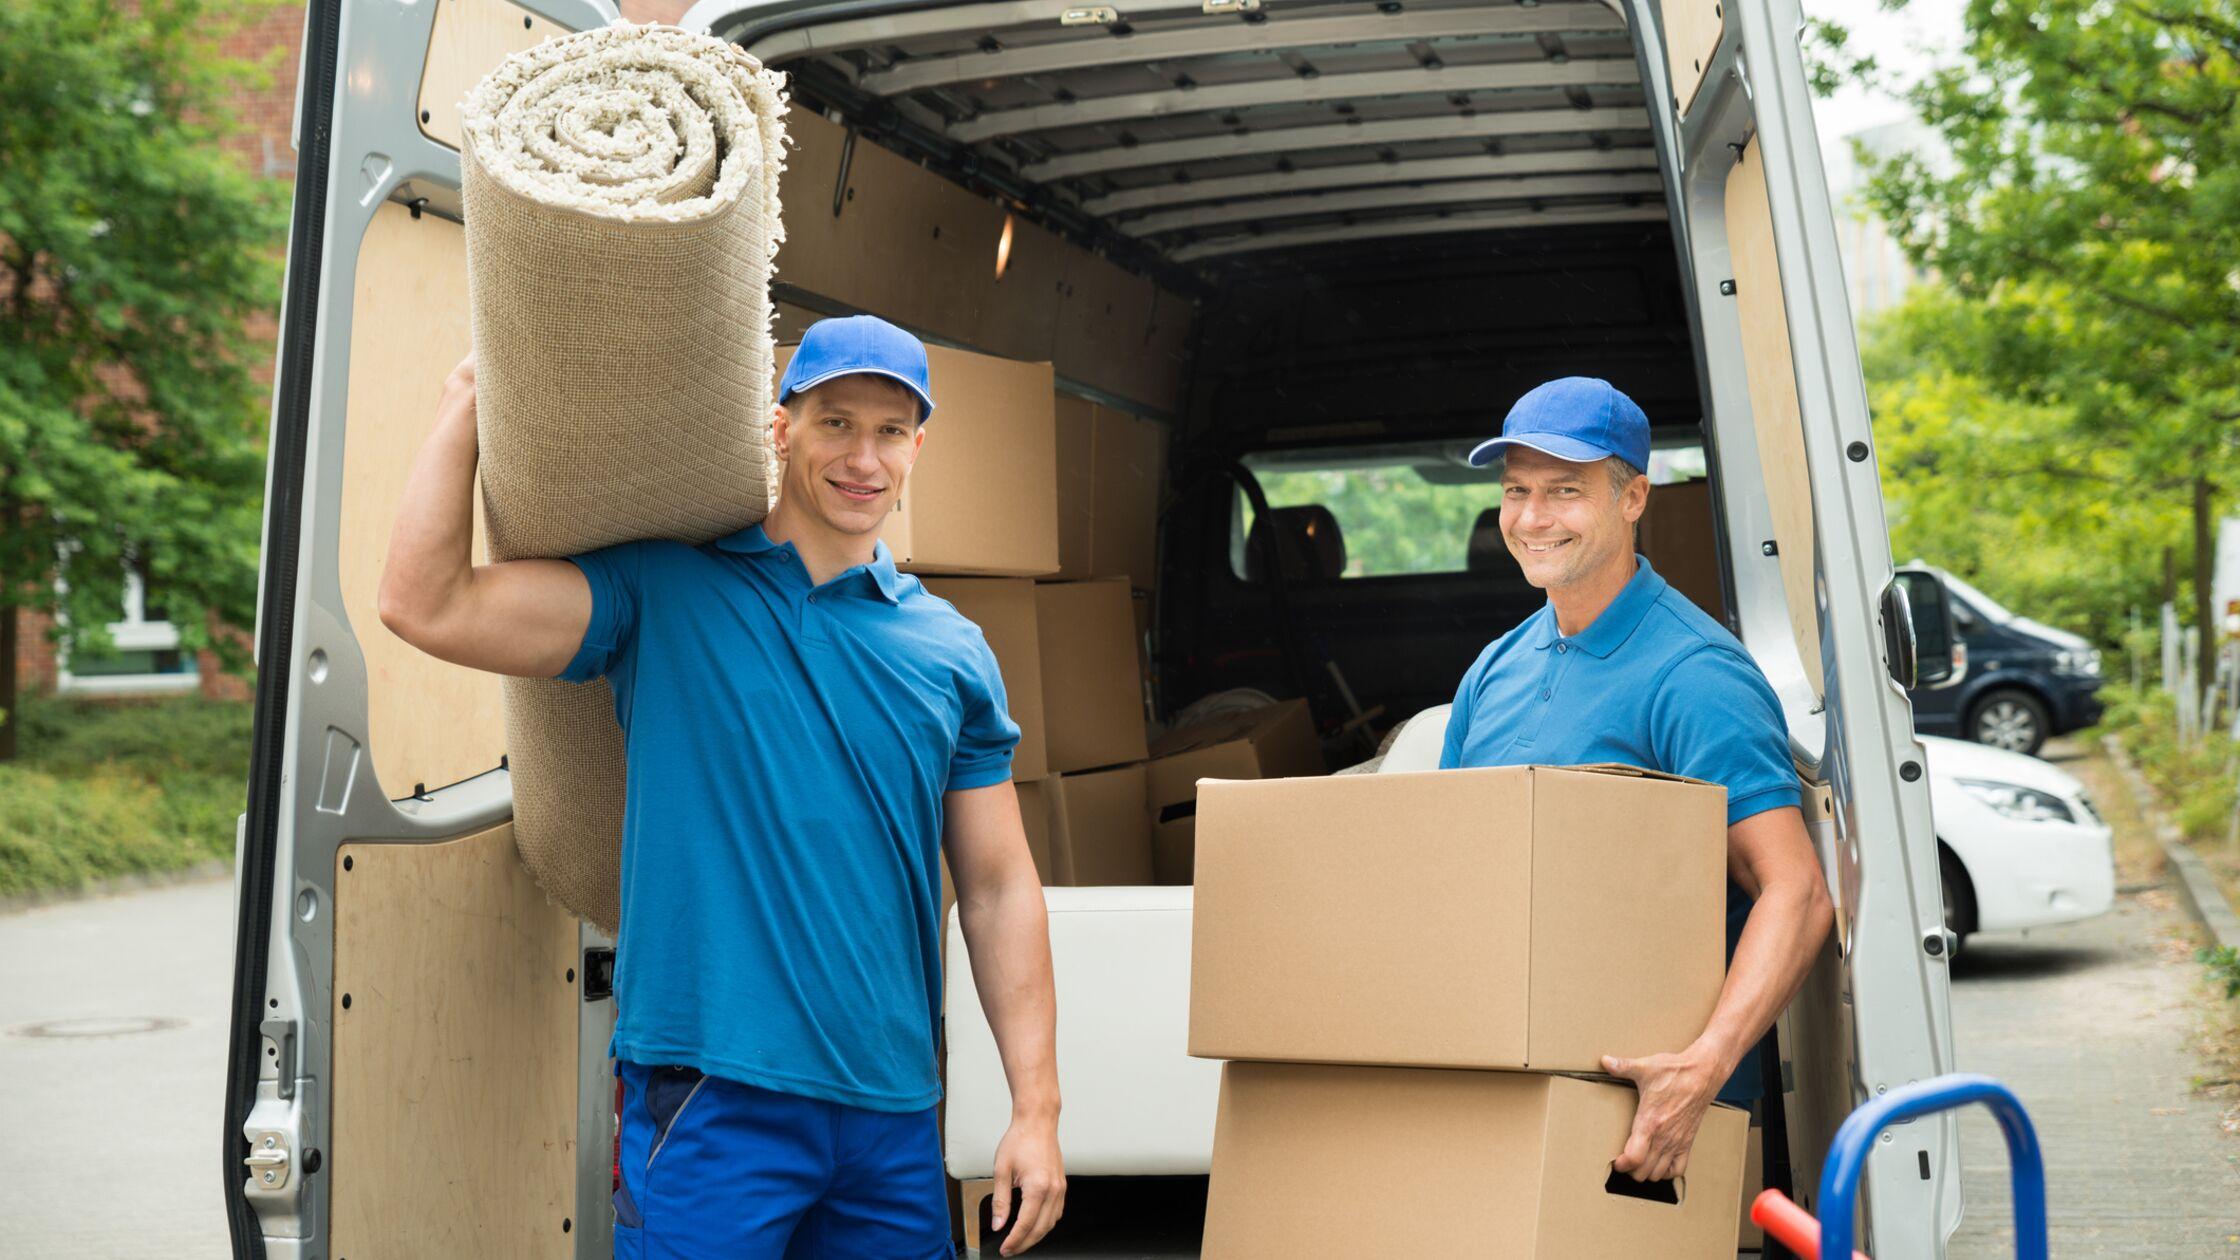 Möbelpacker mit Umzugskartons vor Umzugswagen